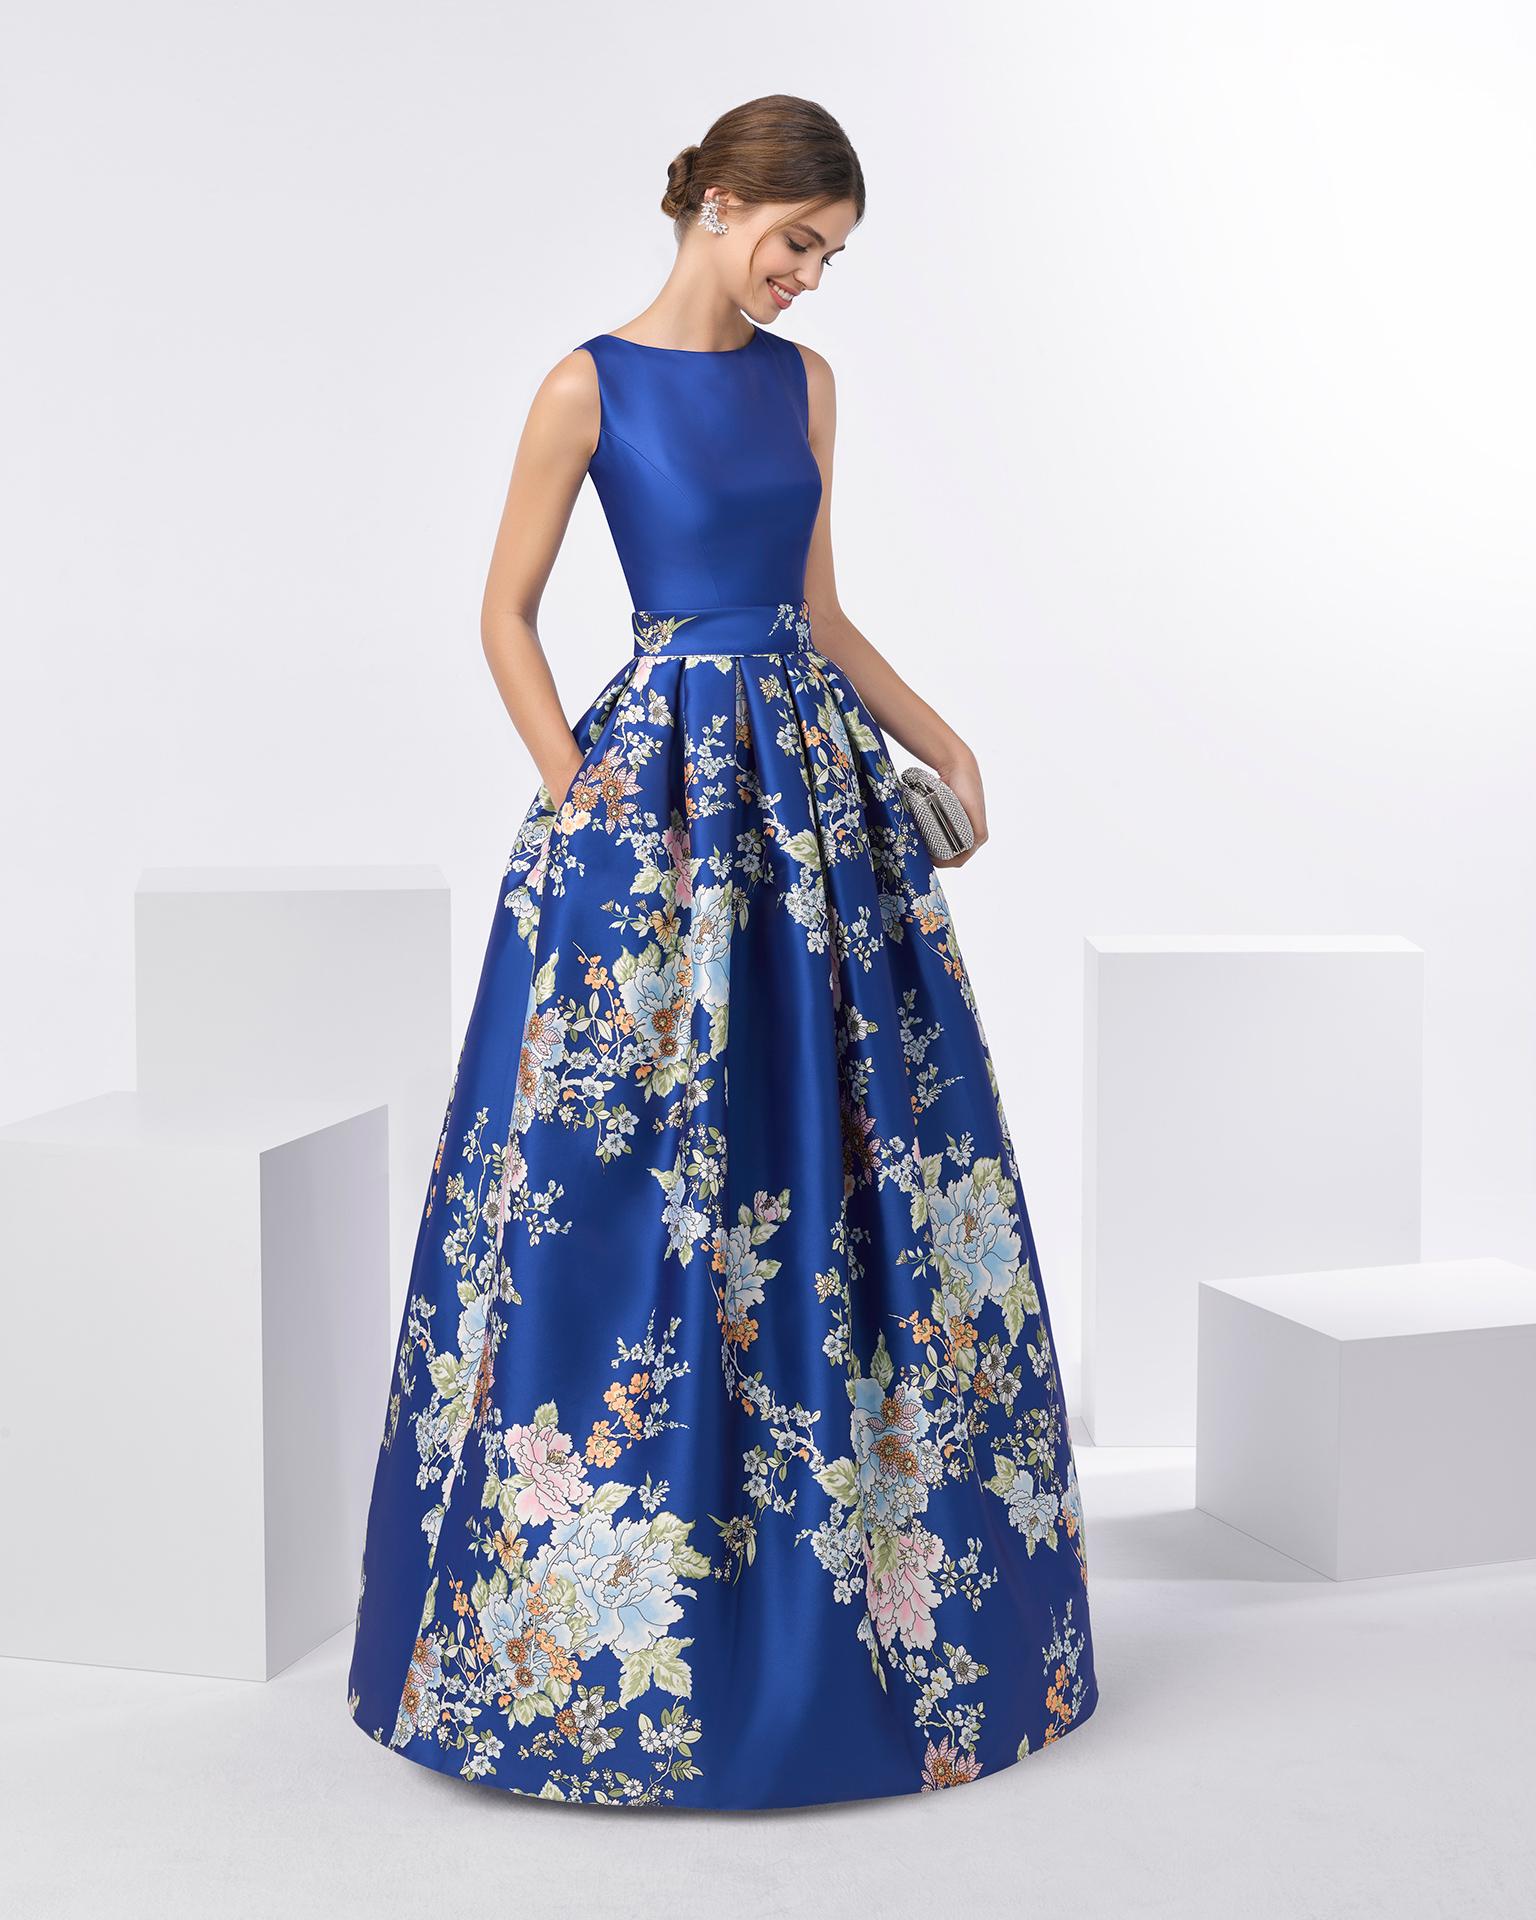 7034b455a Vestido de fiesta mikado estampado con escote barco. Disponible en color  cobalto y azul.